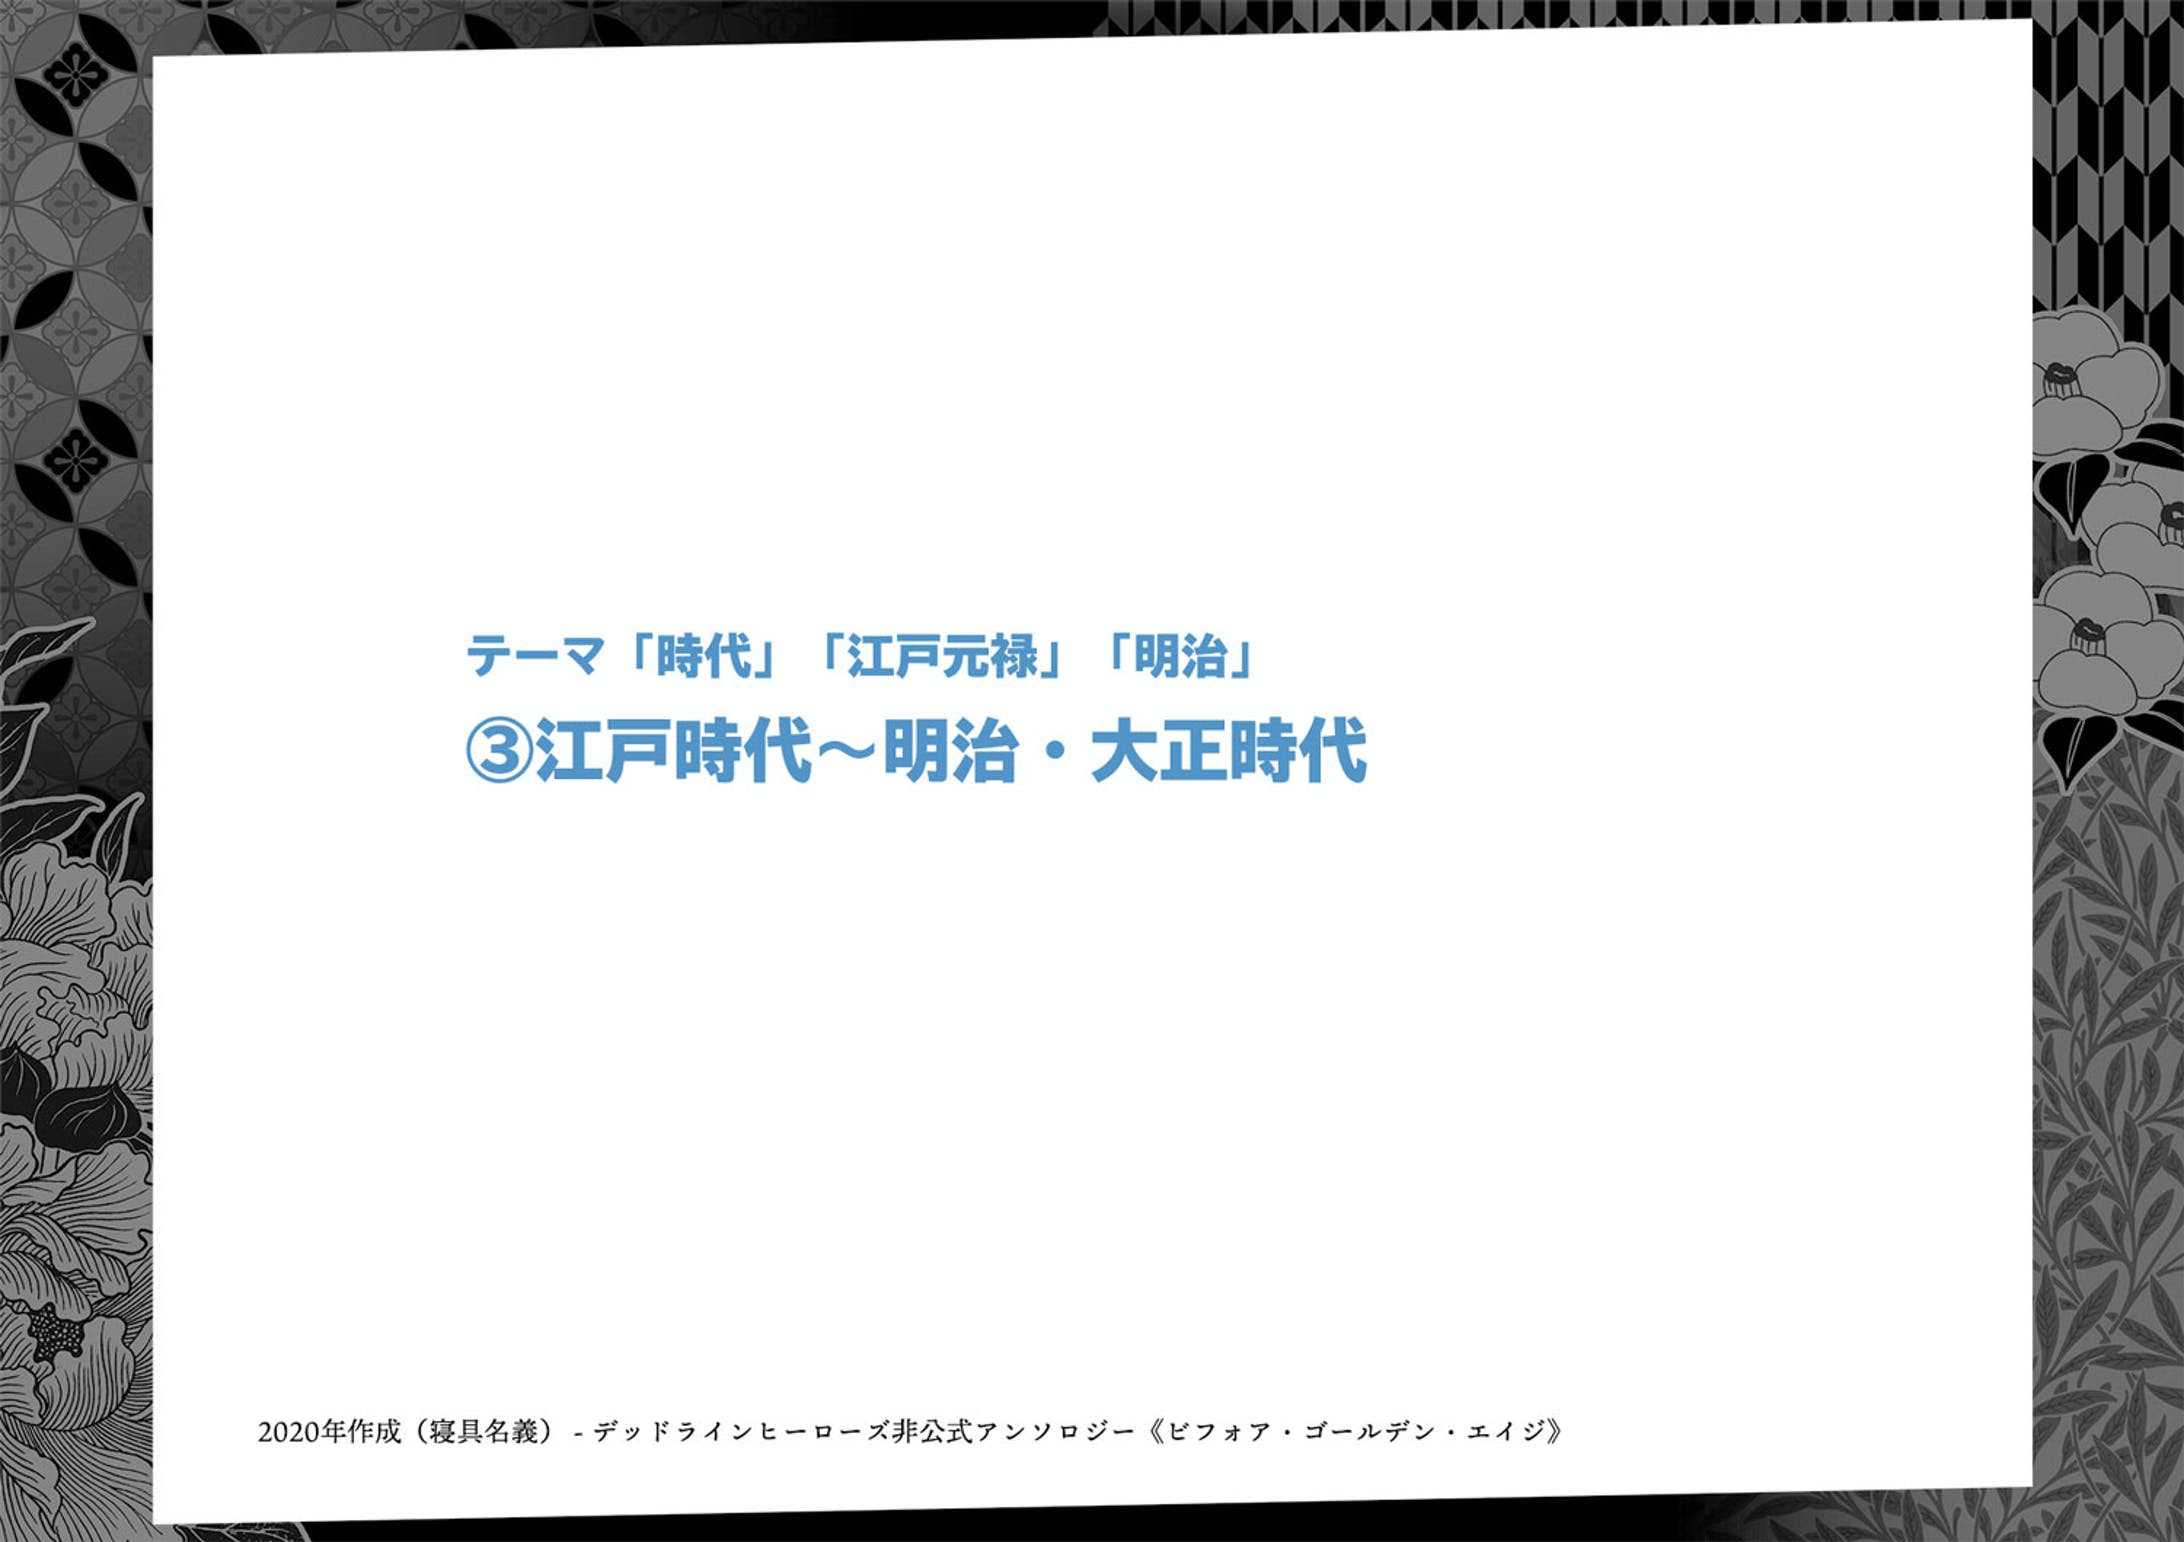 歴史系冊子 余白デザイン-6